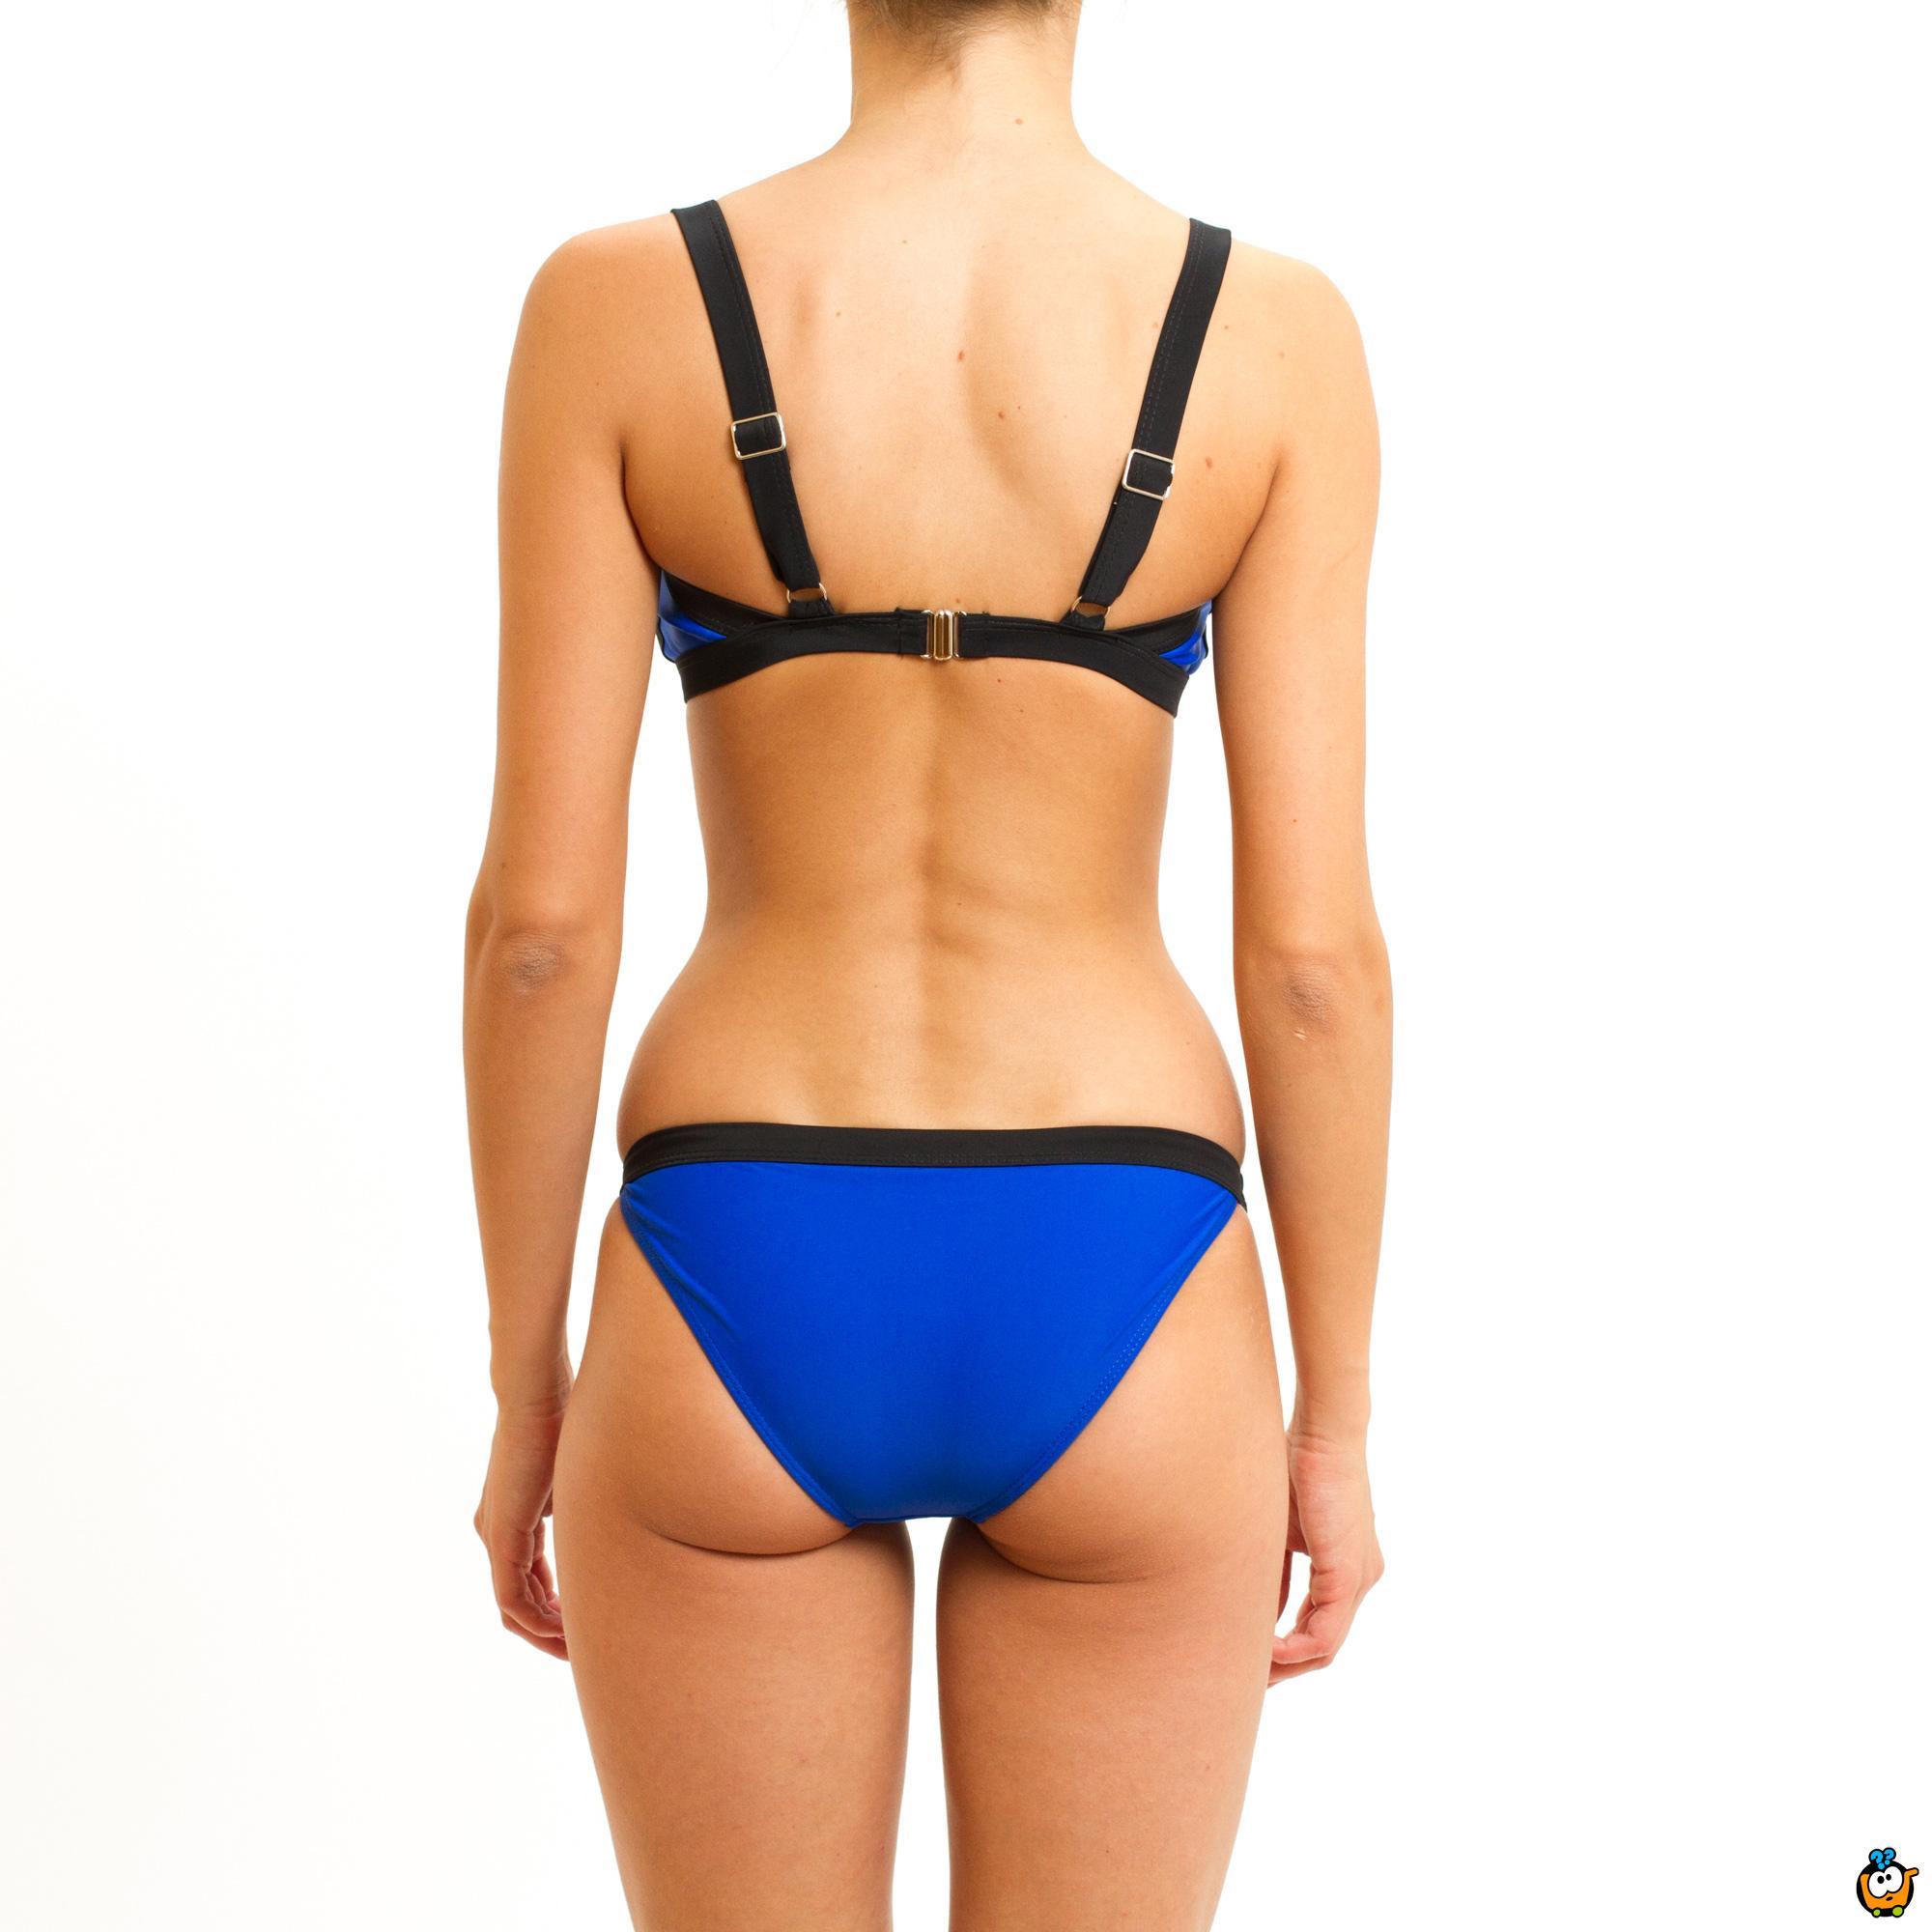 Dvodelni ženski kupaći kostim - MODERN MIX KING BLUE